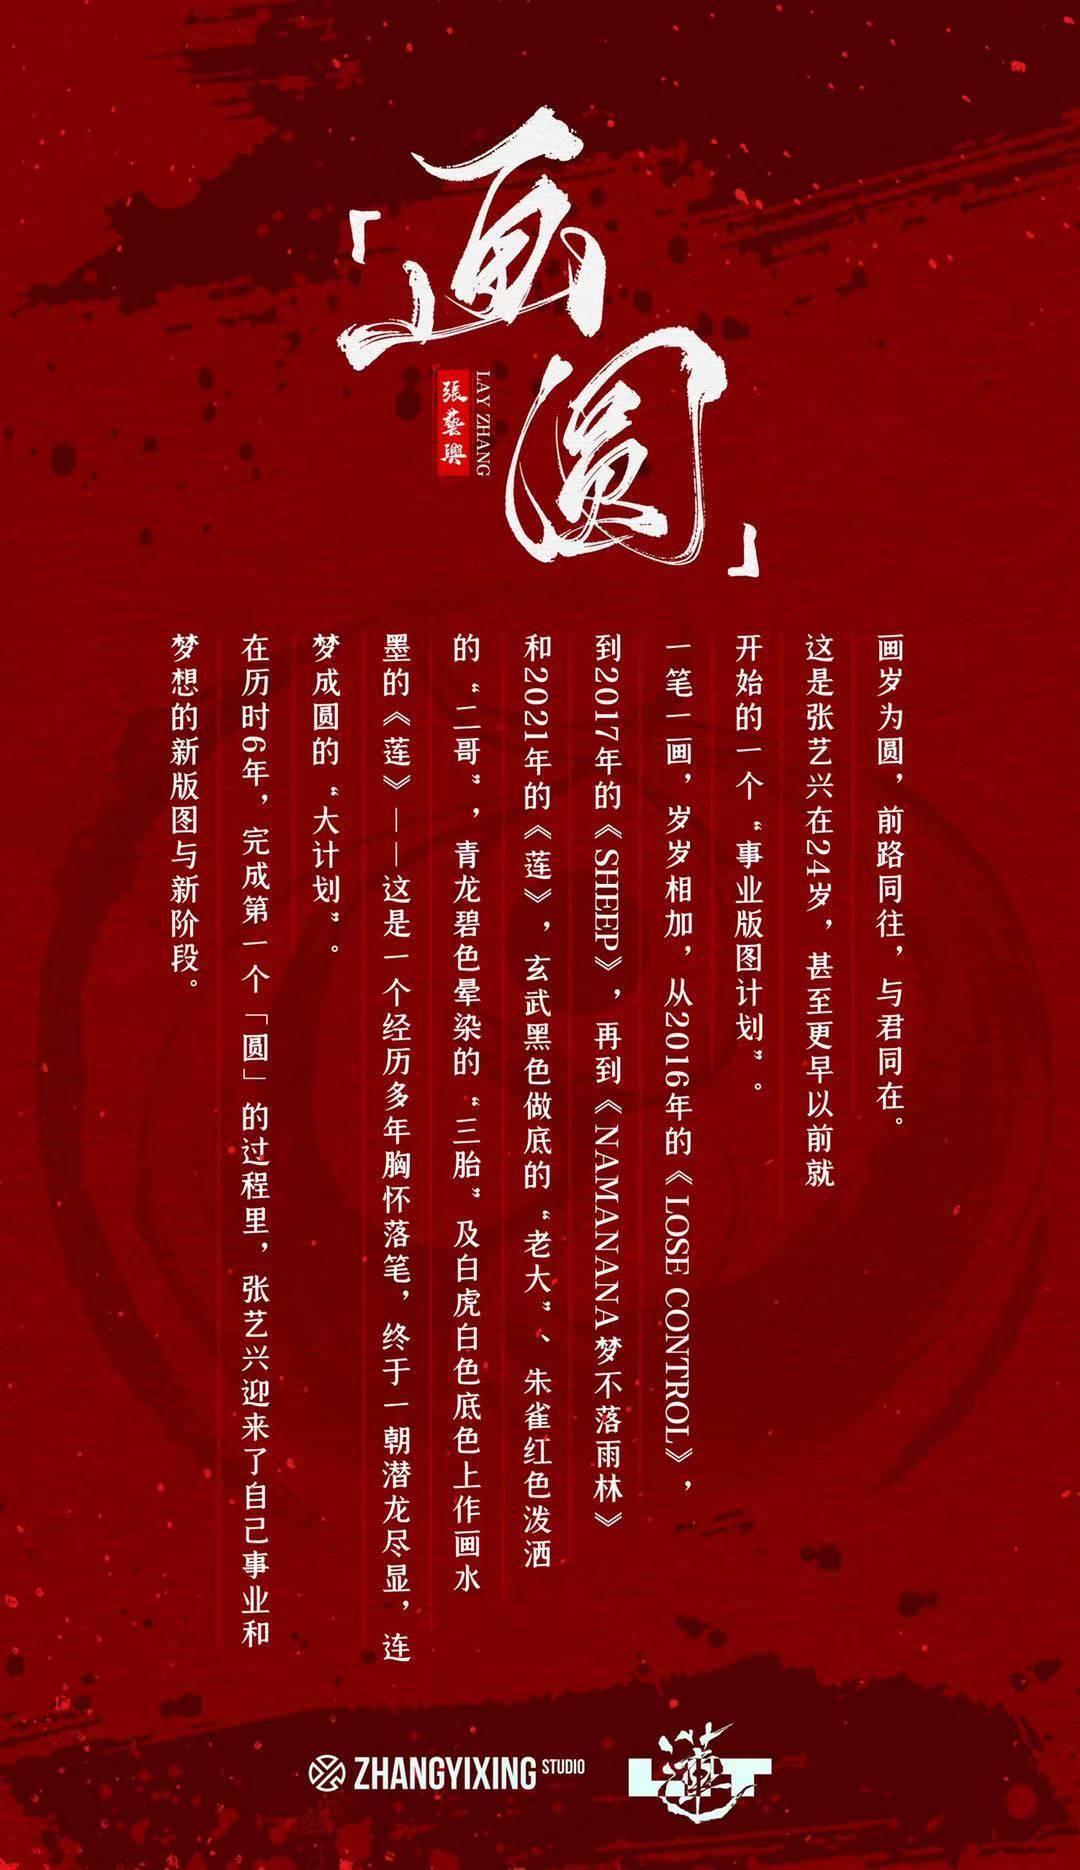 张艺兴实体专辑《莲》即将上线 限量数字意义非凡(图3)